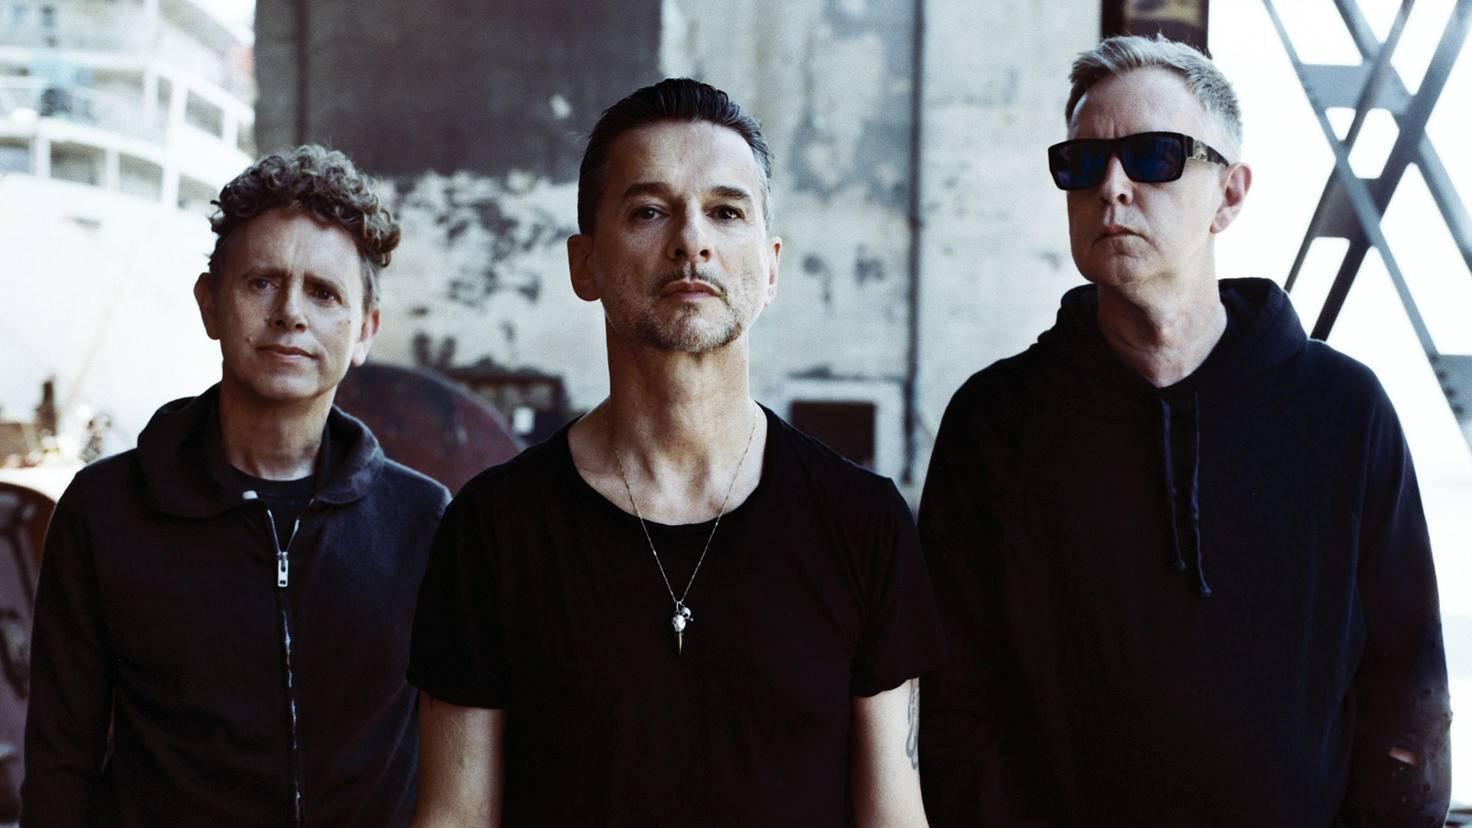 Das britische Kult-Trio besteht aus Dave Gahan (Gesang), Martin Gore (Keyboards, Gitarre, Gesang) und Andy Fletcher (Keyboards).